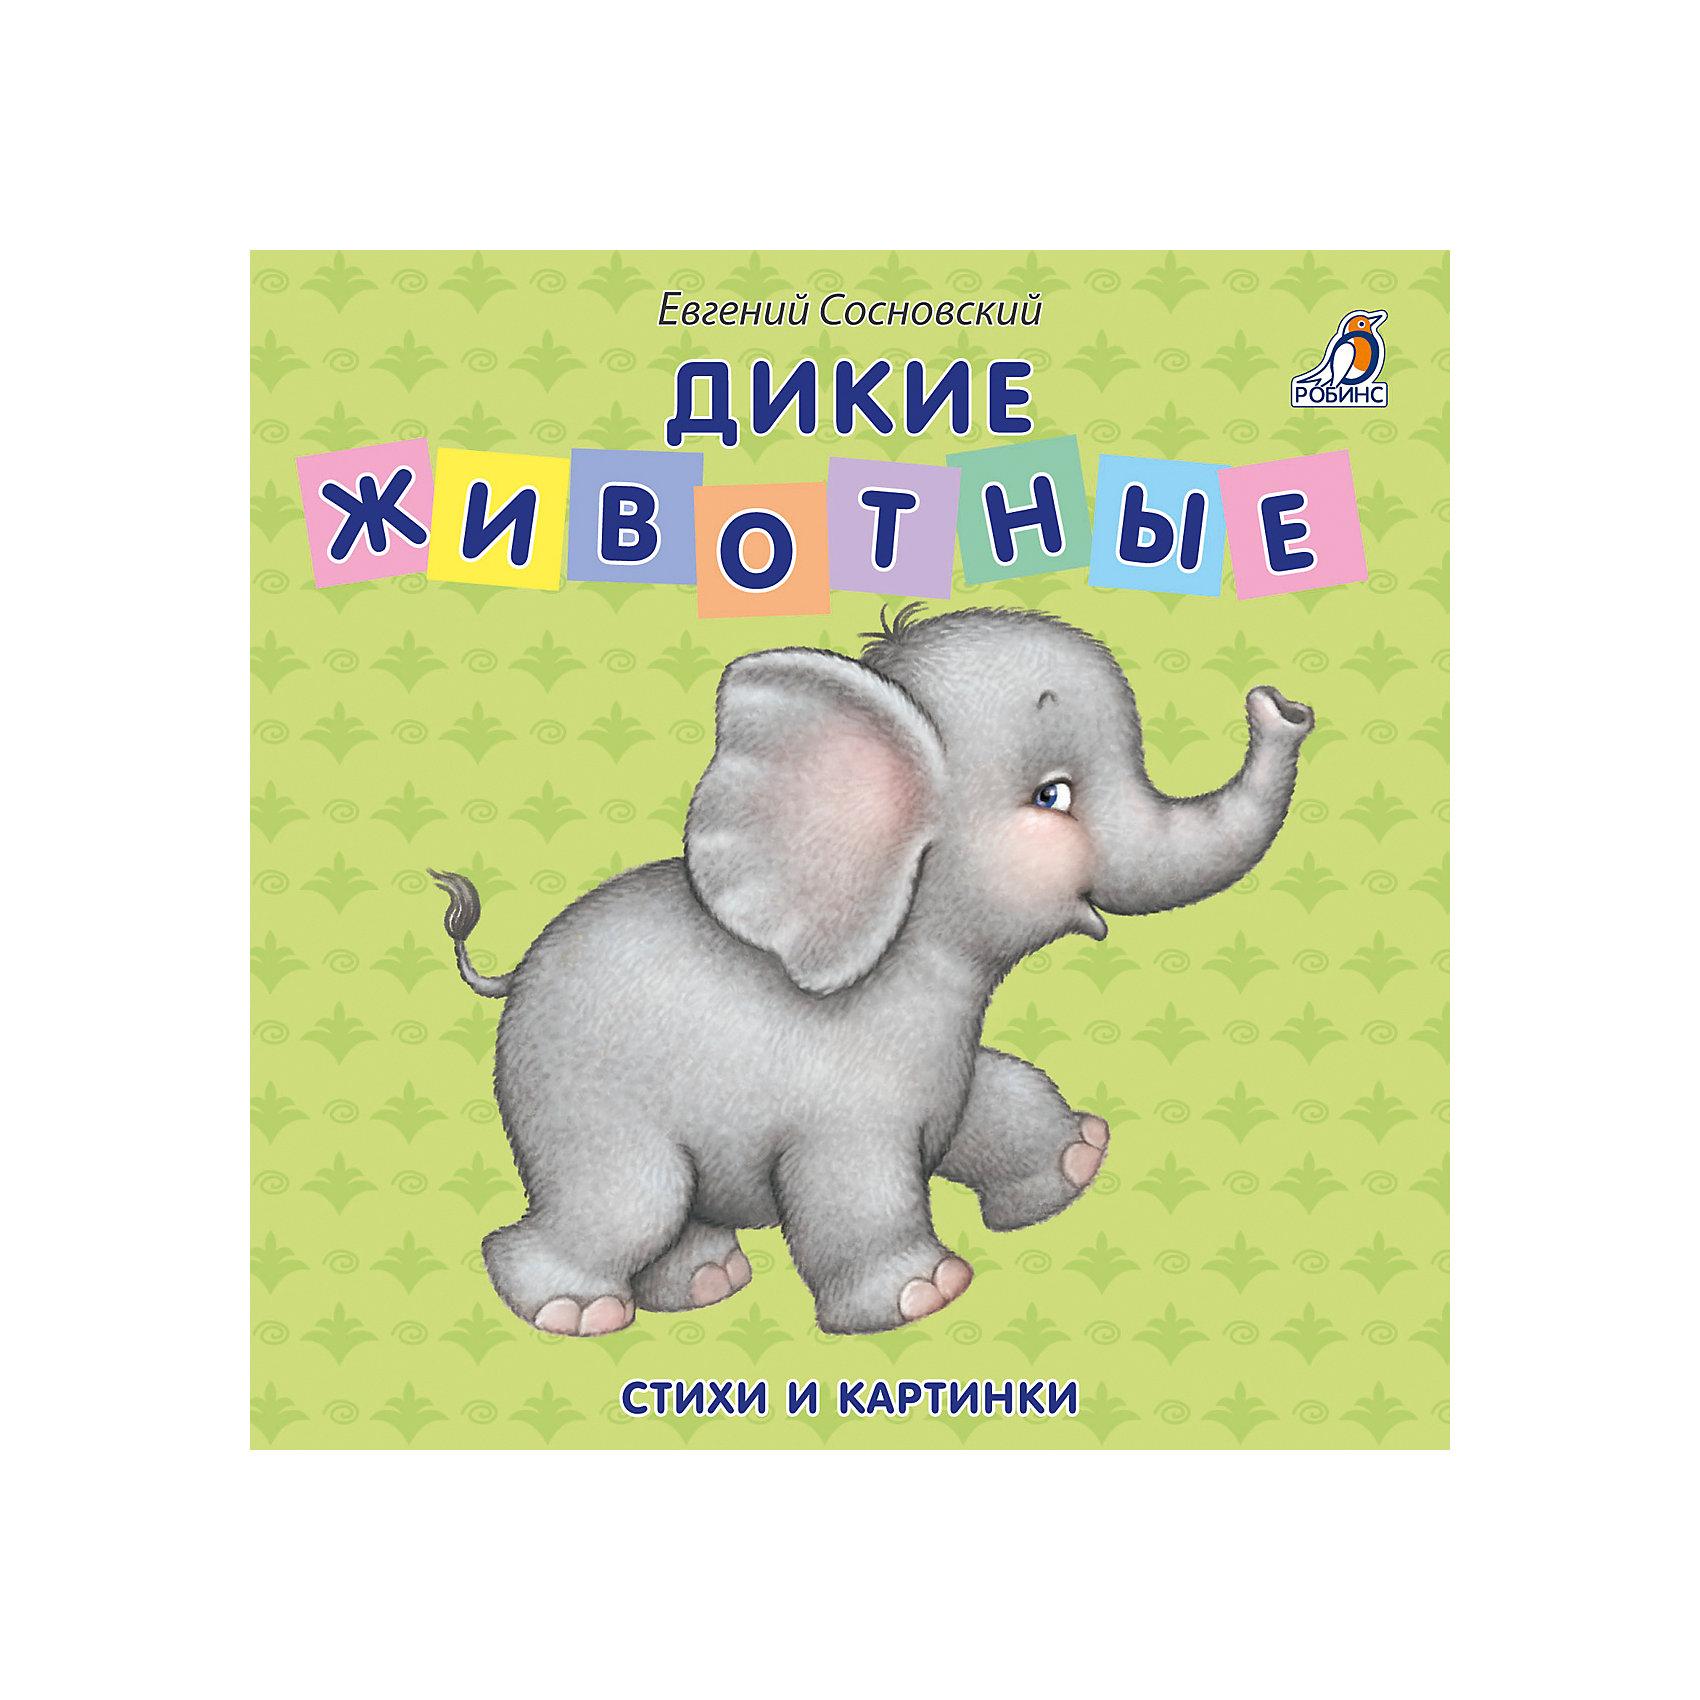 Дикие животные, Е. СосновскийРобинс<br>Книжка - картонка Дикие животные.<br><br>Характеристика:<br><br>• Формат: 14х14 см. <br>• Переплет: картон.<br>• Количество страниц: 12.<br>• Иллюстрации: цветные.<br>• Добрые стихи.<br>• Красочные иллюстрации.<br>• Каждая страничка книги посвящена одному из животных – слону, носорогу, льву, кенгуру, жирафу и многим другим.<br>• Скругленные уголки. <br><br>Книжка - картонка - первая книжка вашего малыша! Яркие цветные иллюстрации и добрый стихи познакомят кроху с миром животных, их характерами и особенностями поведения. Плотные картонные страницы со скругленными уголками и удобный формат идеально подойдут даже для самых юных читателей. <br><br>Книжку - картонку Дикие животные можно купить в нашем интернет-магазине.<br><br>Ширина мм: 140<br>Глубина мм: 140<br>Высота мм: 130<br>Вес г: 188<br>Возраст от месяцев: -2147483648<br>Возраст до месяцев: 2147483647<br>Пол: Унисекс<br>Возраст: Детский<br>SKU: 5507271